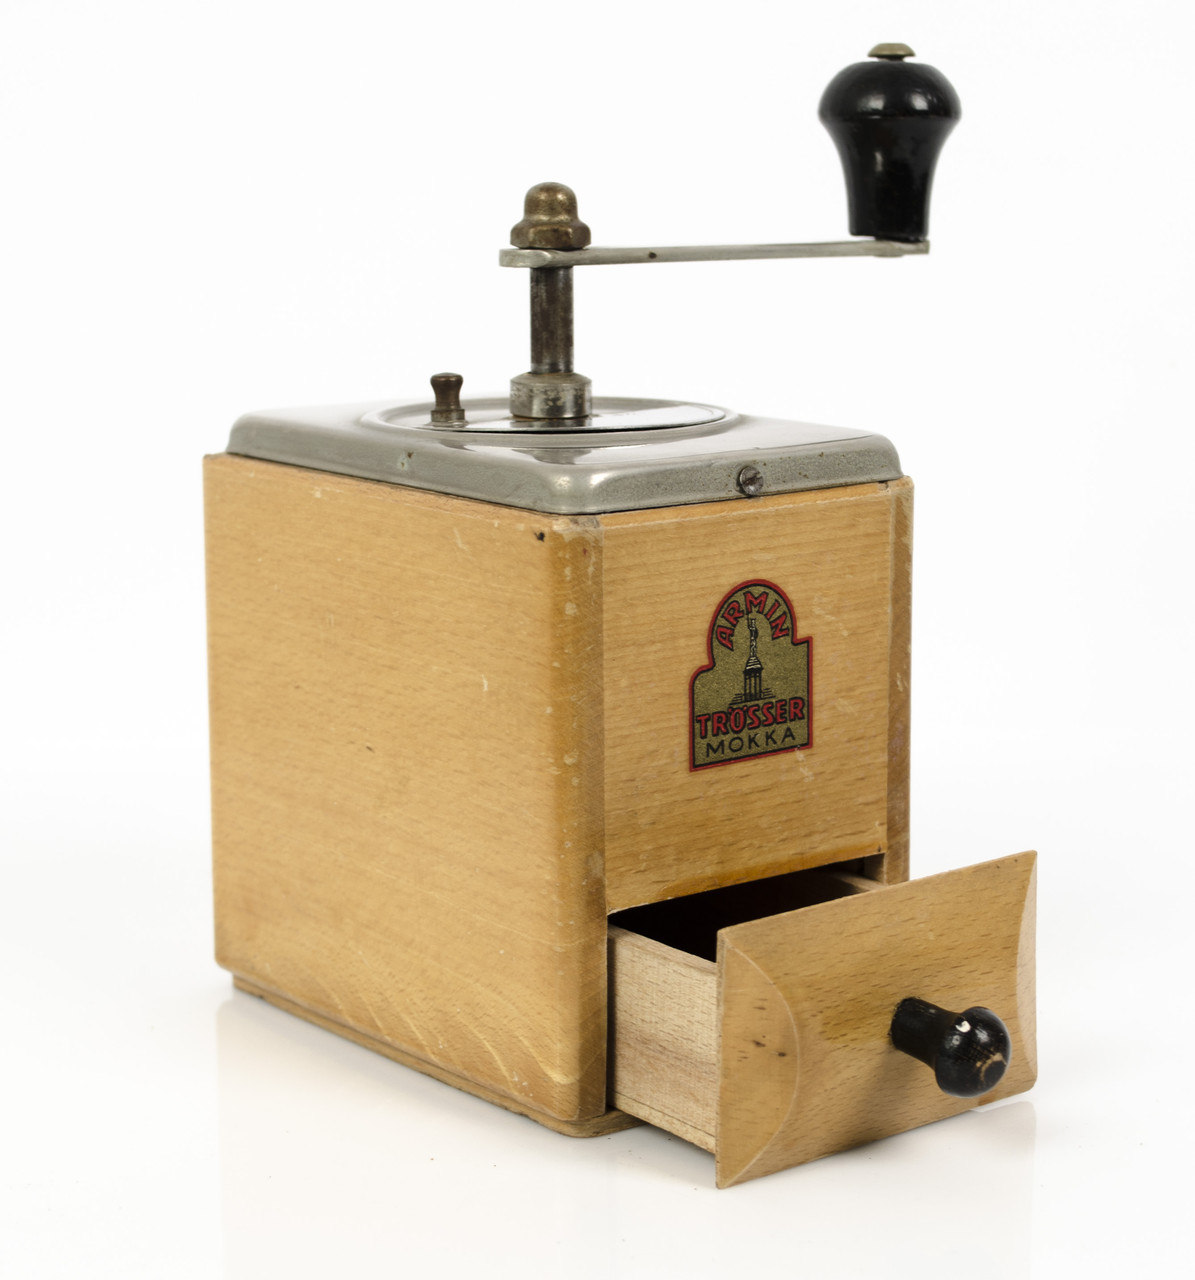 Старинная кофемолка, Германия, Armin Trosser Mokka